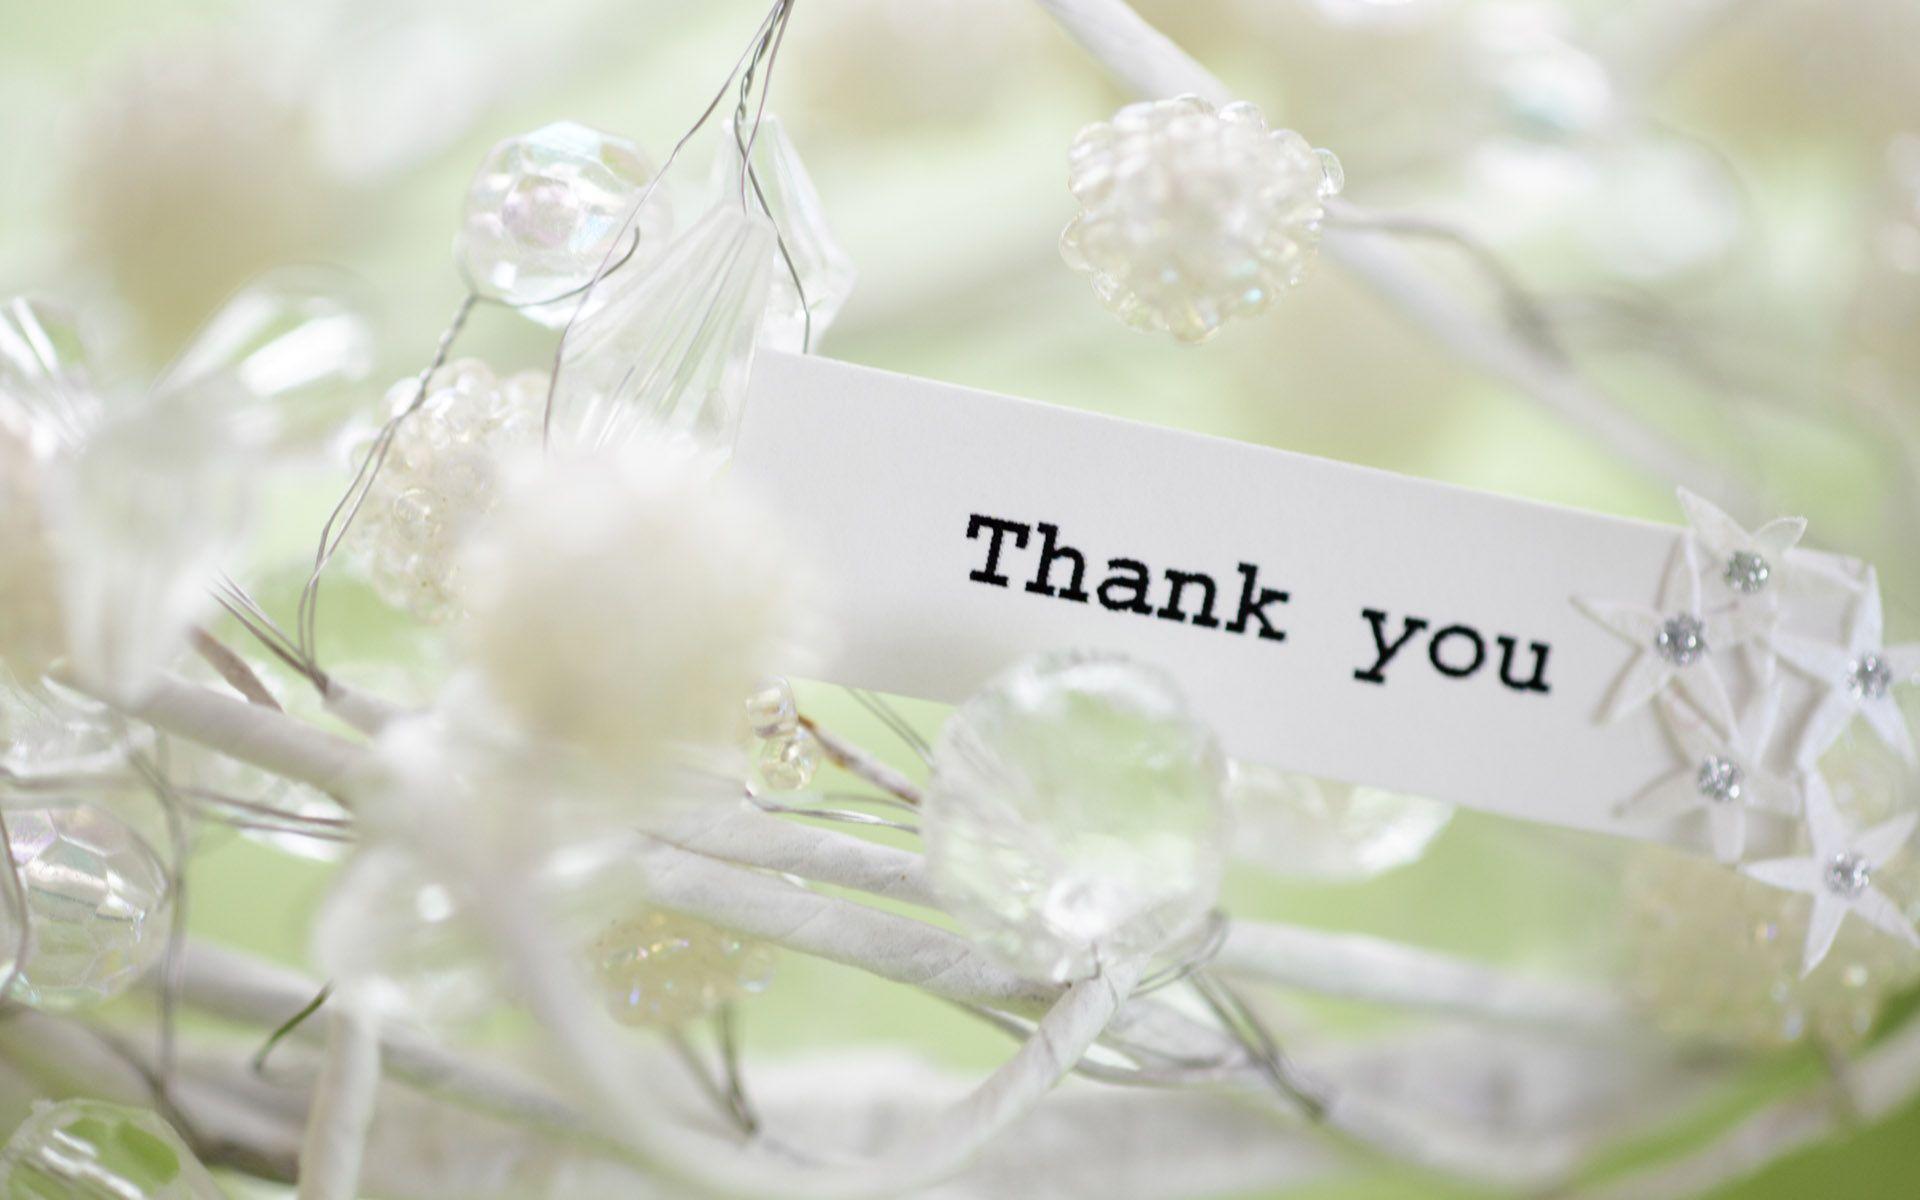 hinh nen thank you 25